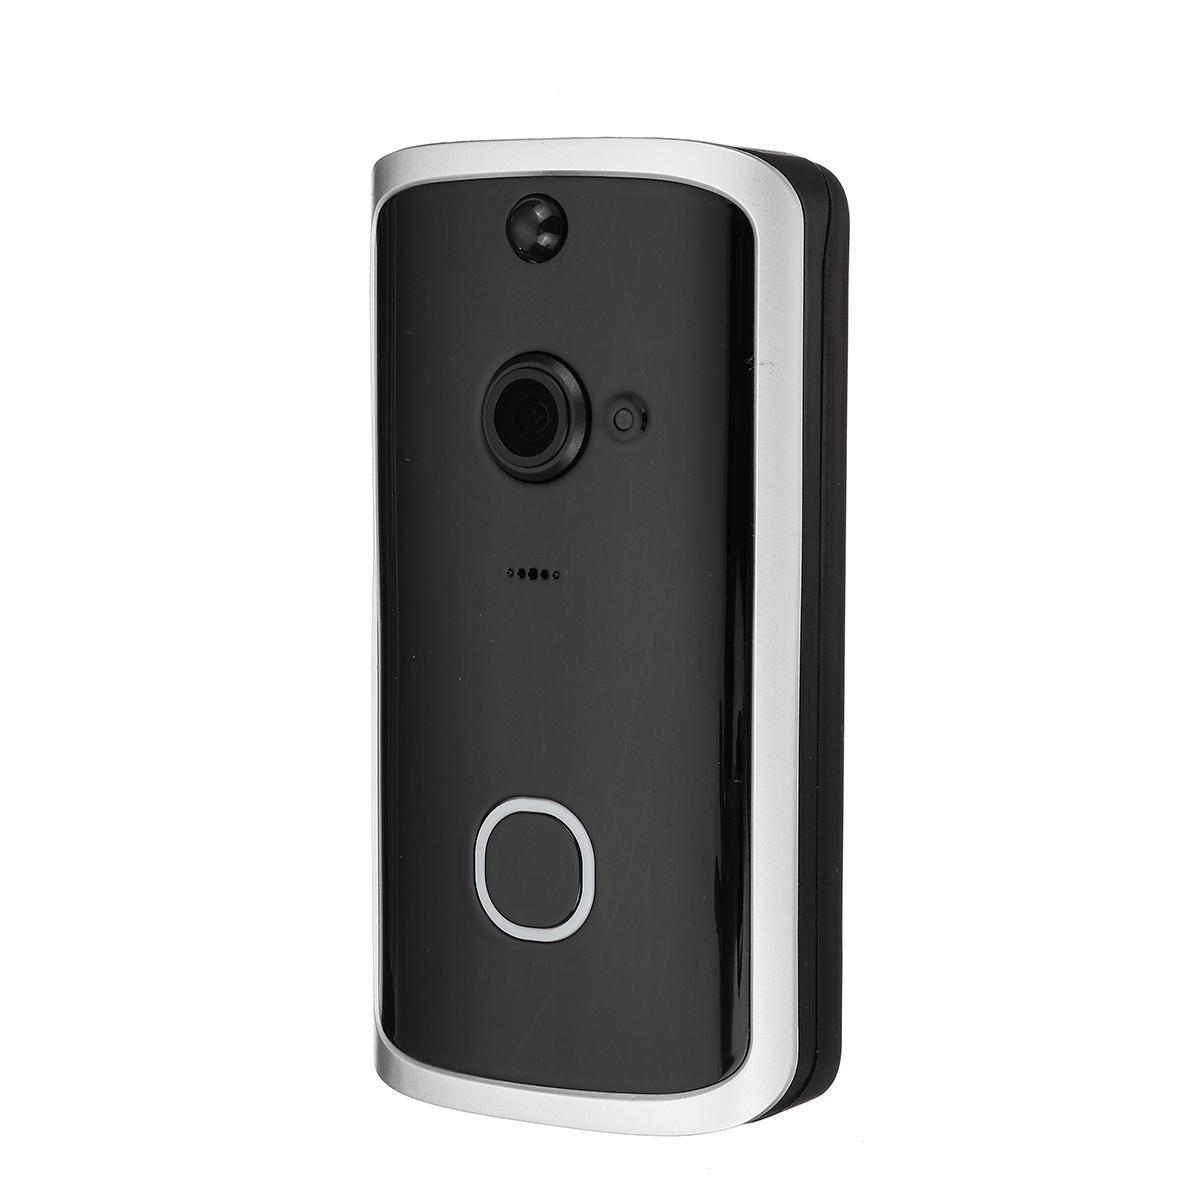 LED de la cámara de vídeo de dos vías Talk Seguridad para el Hogar inteligente inalámbrica WiFi IR timbre de la puerta